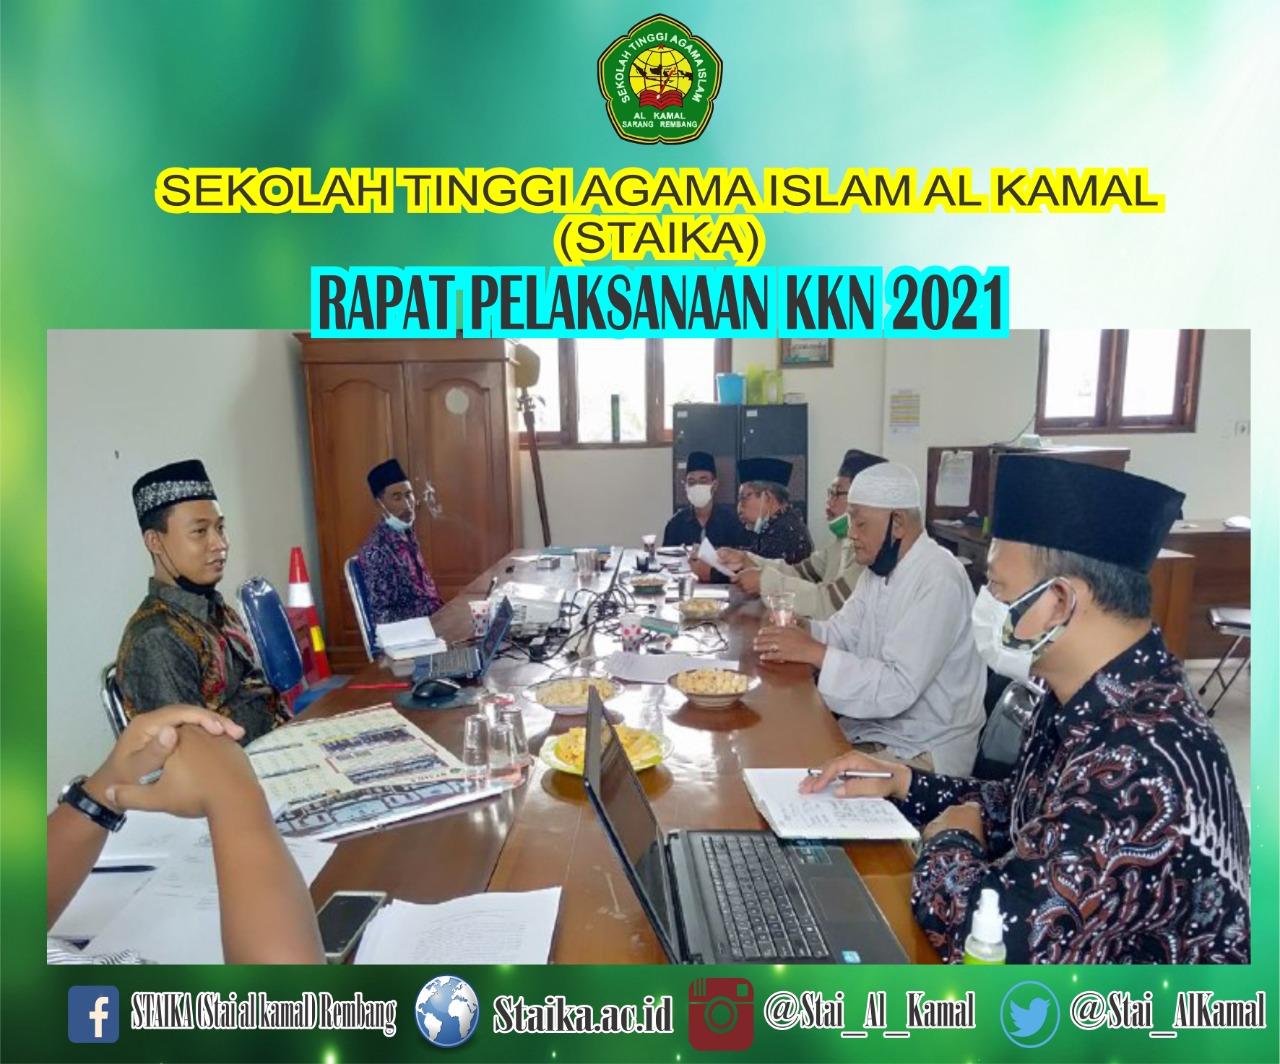 Yang Menarik dari Pengabdian Masyarakat (KKN) STAI Al Kamal Tahun 2021